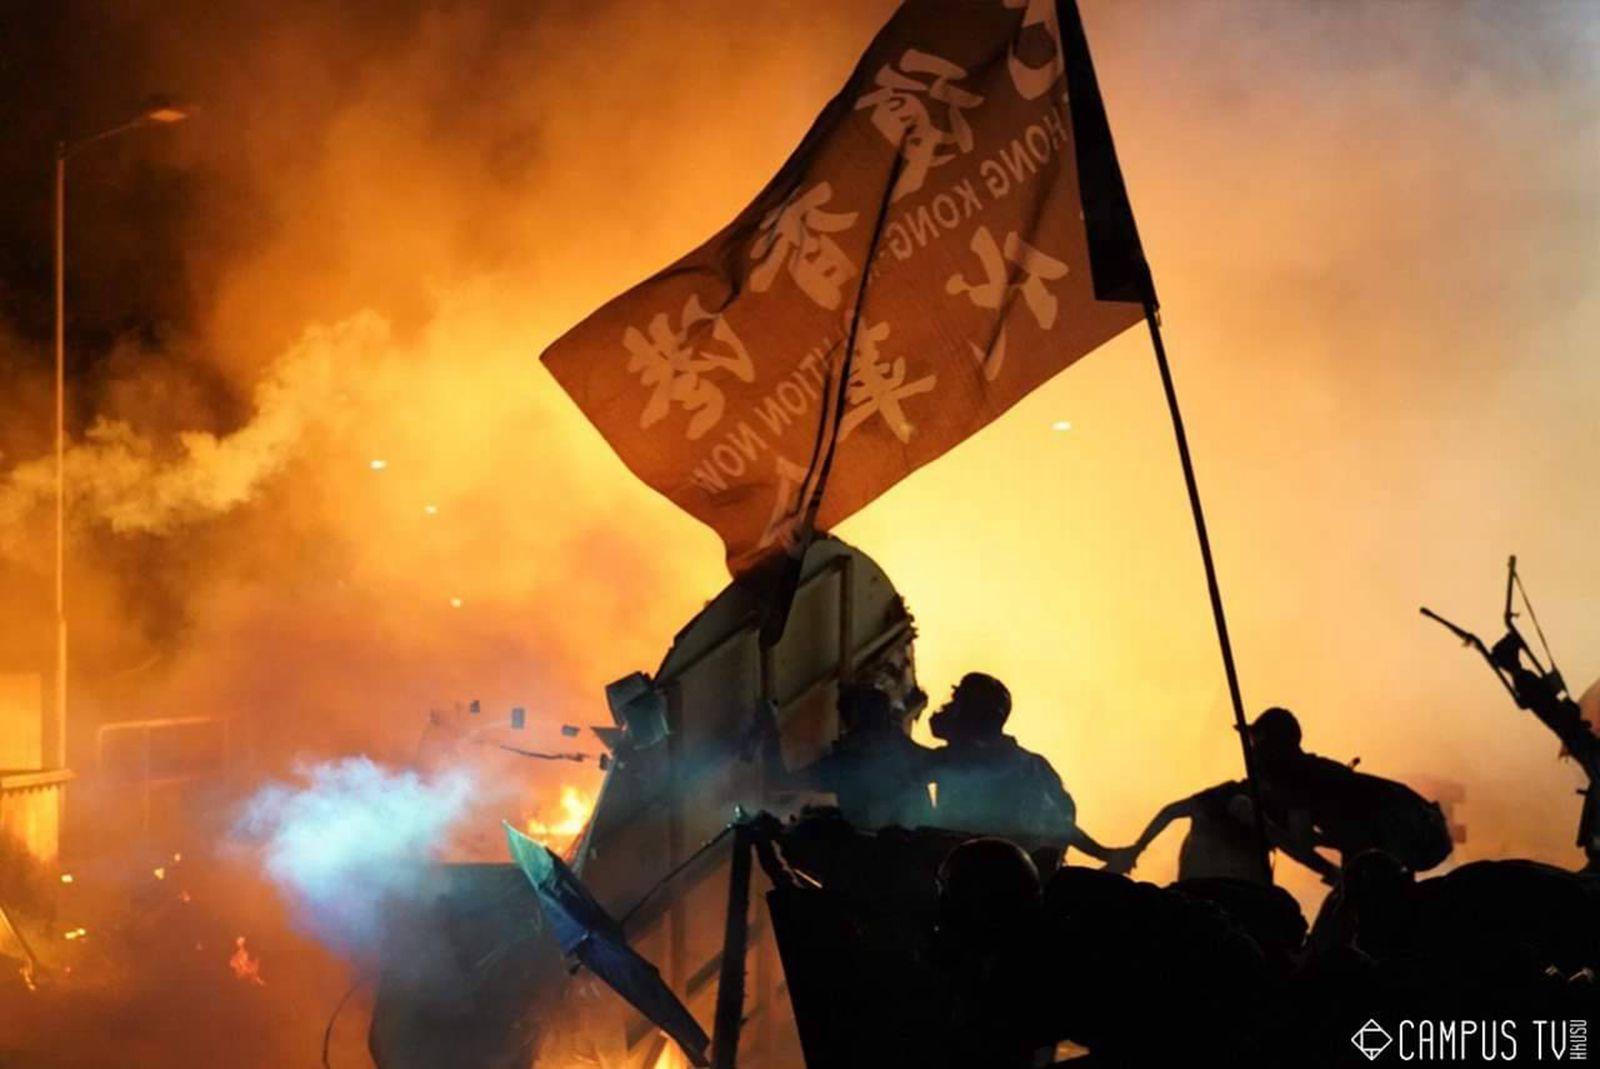 【葉慶元觀點】逐漸升高的抗爭與香港的未來發展